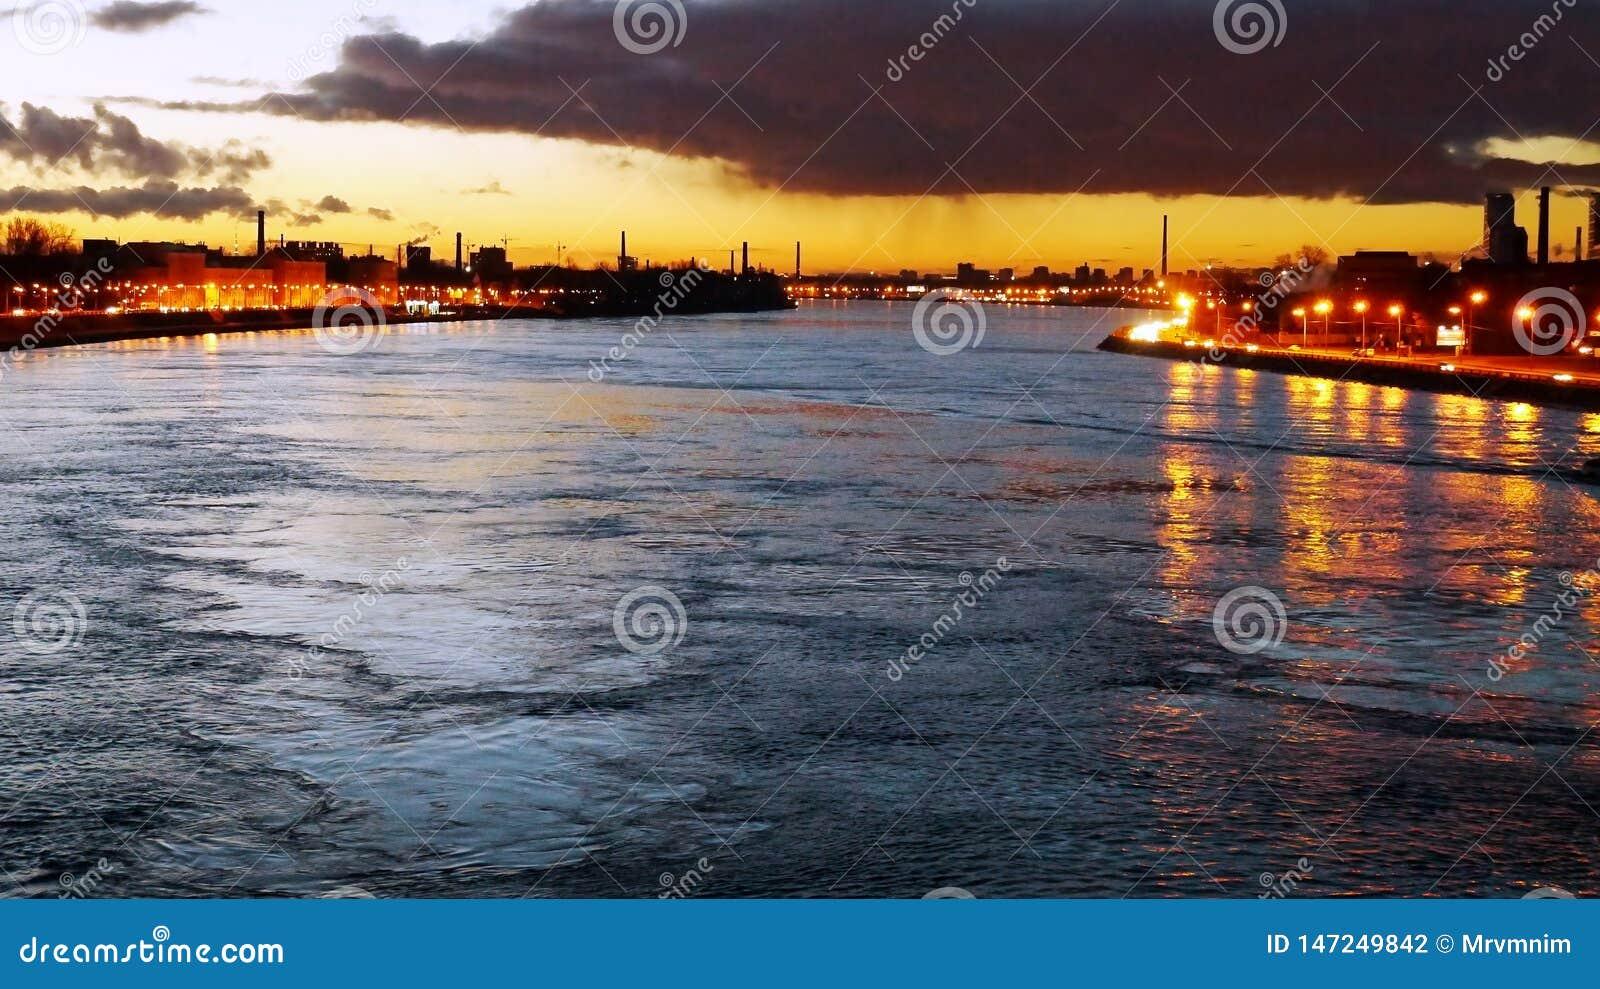 Agua Ciudad industrial Humo de los tubos Agua tranquila y azul